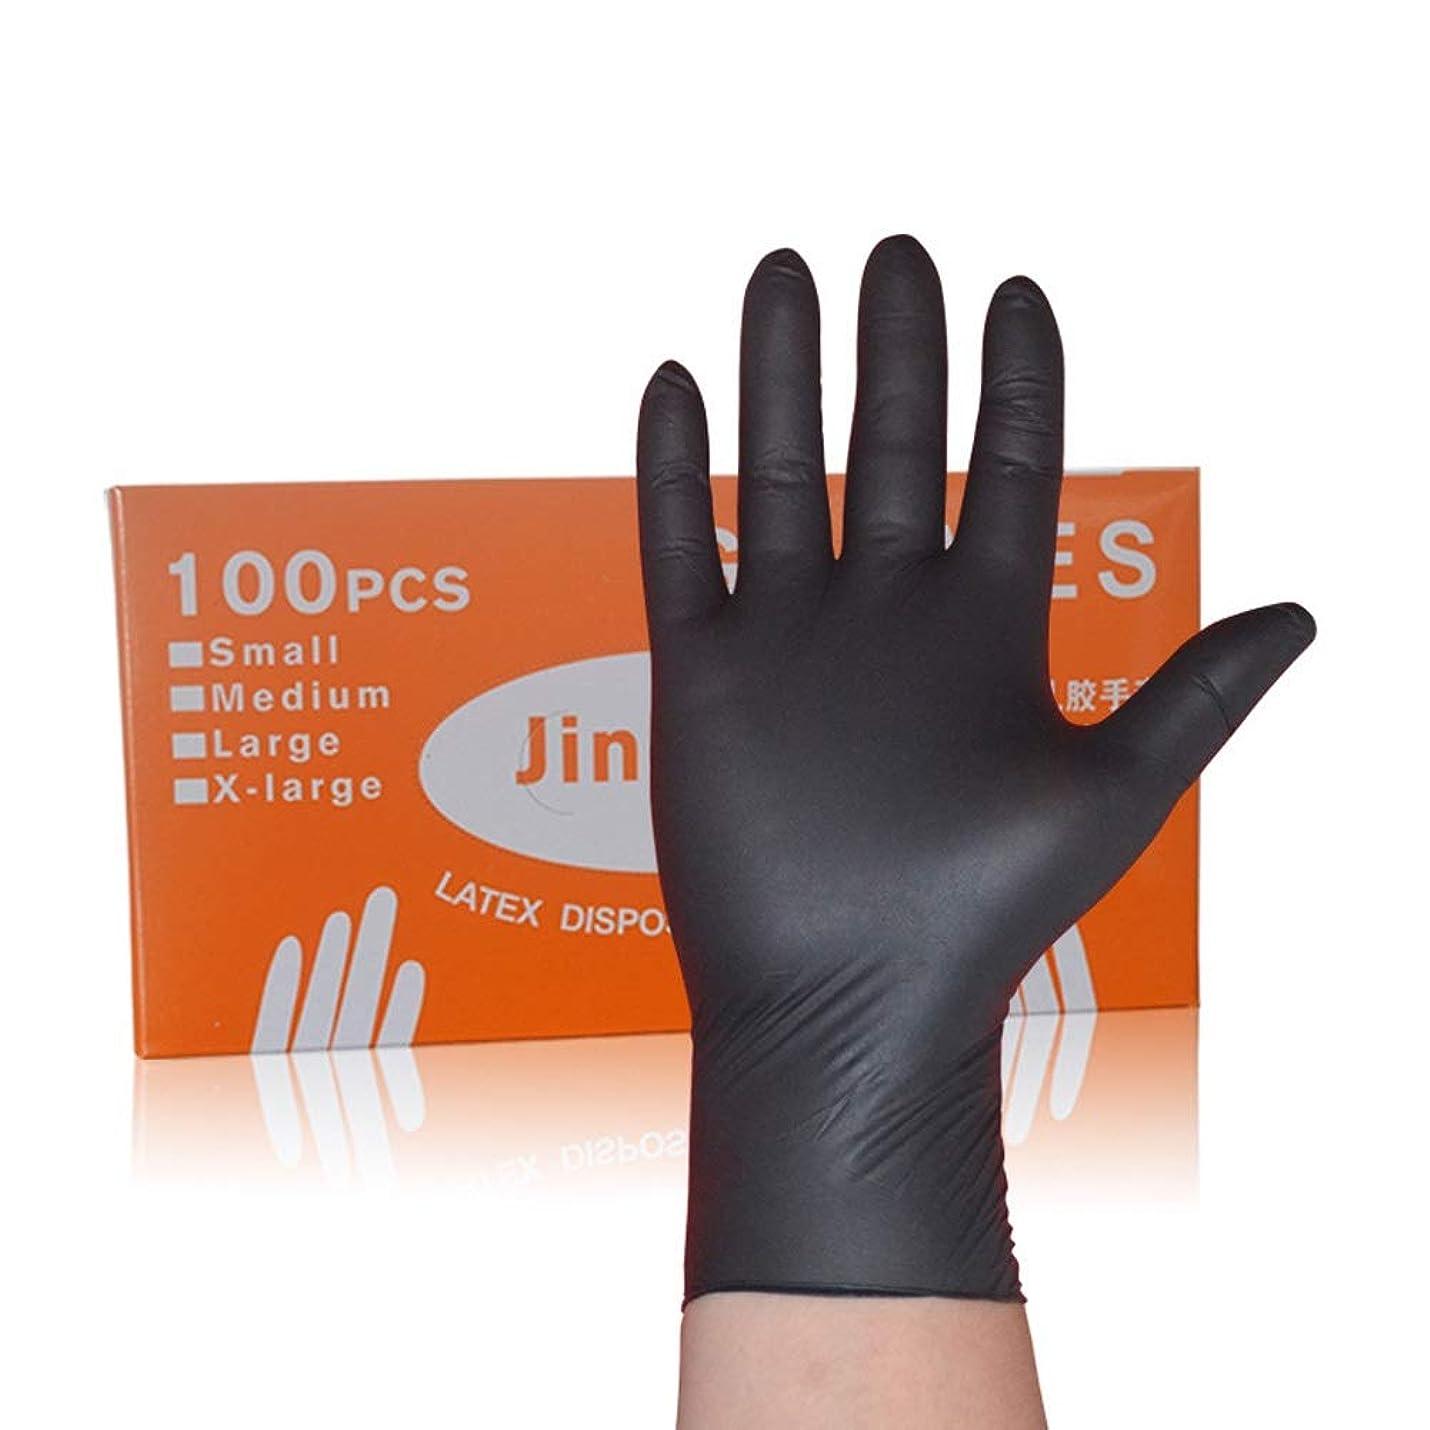 お別れ感動する合理的Nbr使い捨て手袋ラテックスニトリル帯電防止ゴム実験機械美容院タトゥー手袋 YANW (色 : ブラック, サイズ さいず : Xl xl)